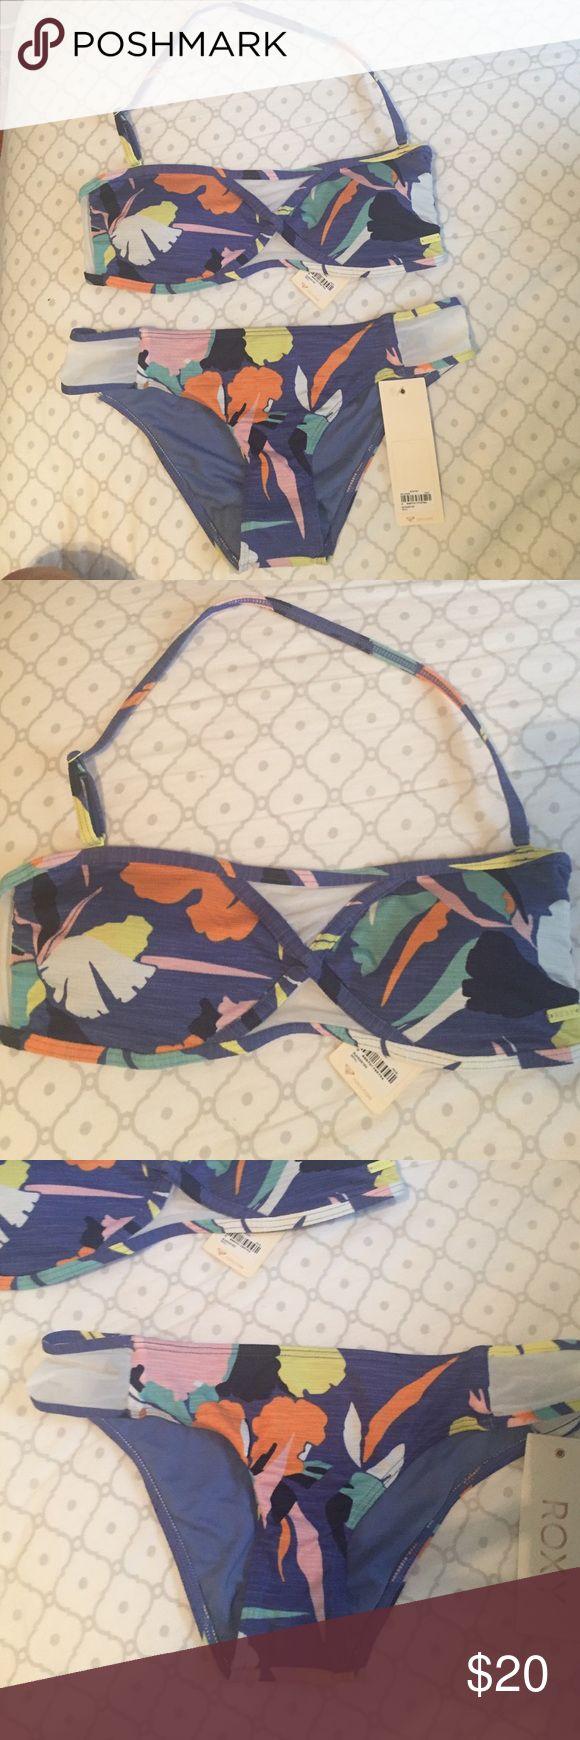 Brand new roxy bikini ! Brand new with tags ; 2 piece Roxy Swim Bikinis